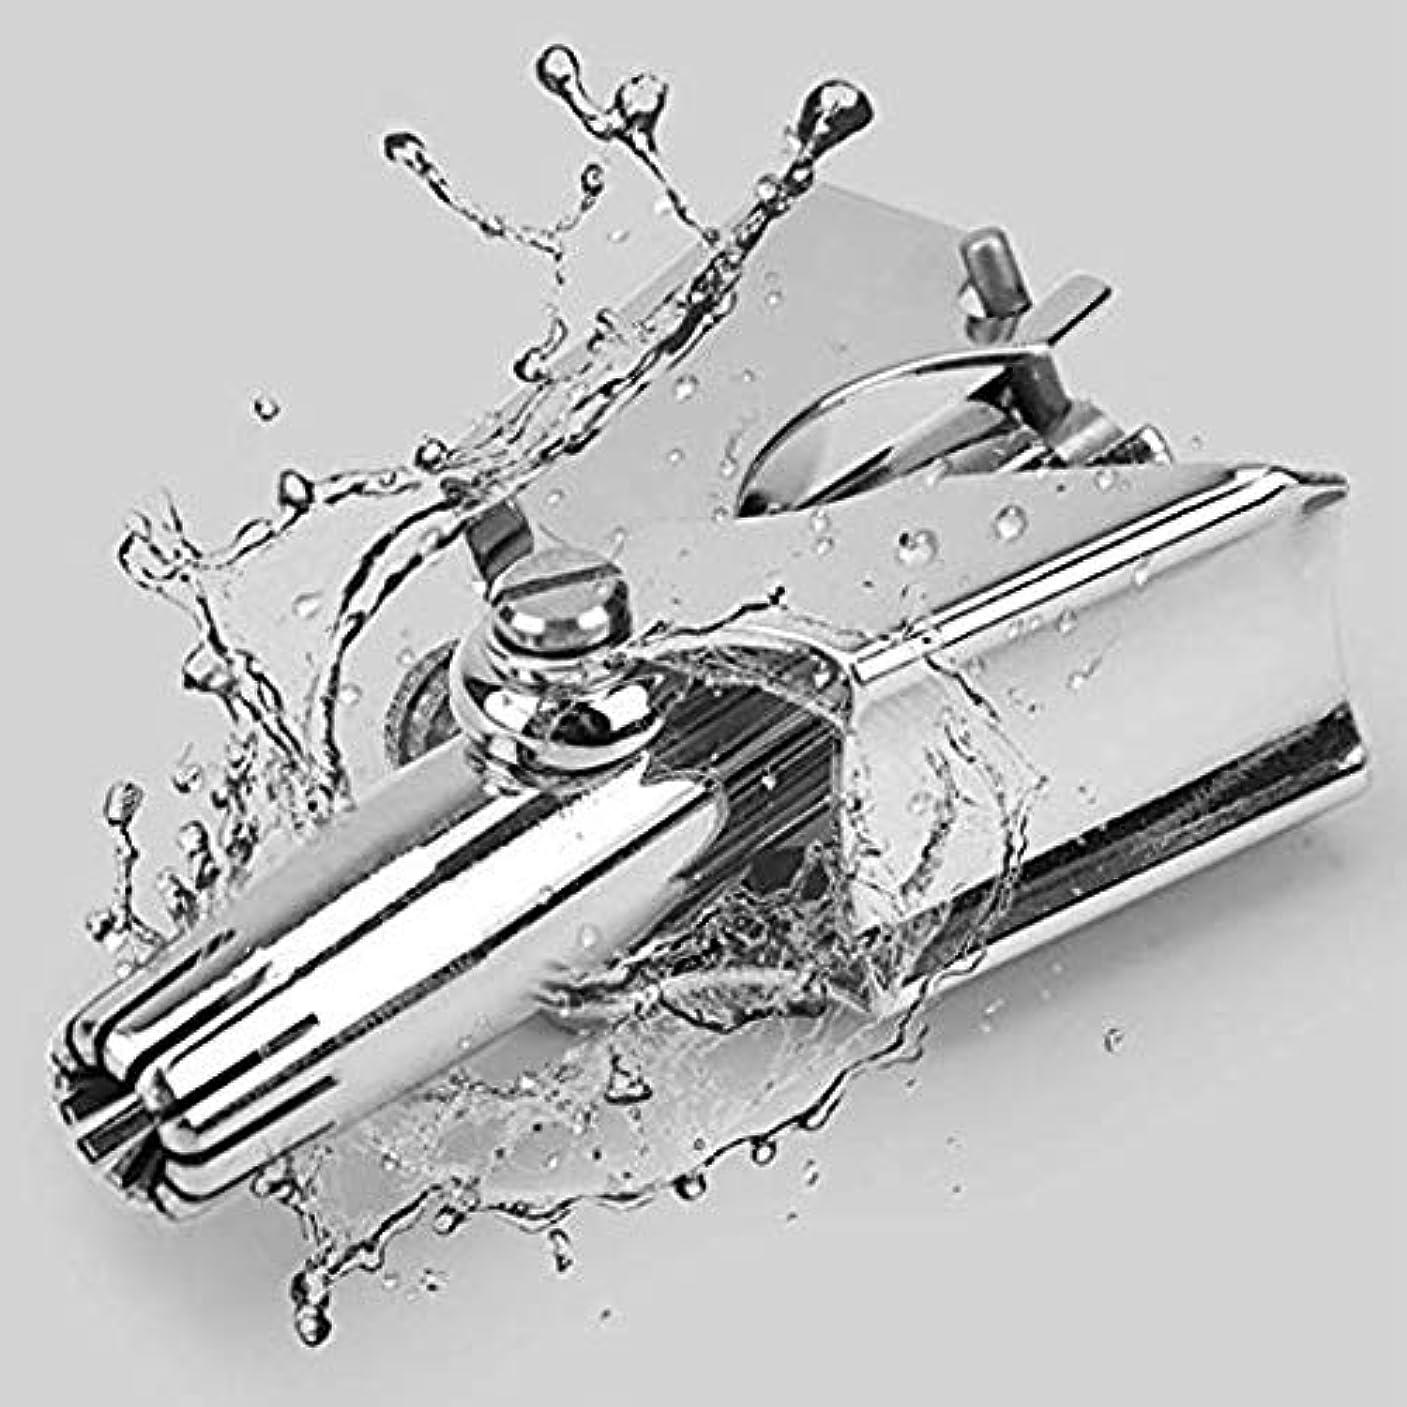 ドキュメンタリー呼吸人柄耳と鼻の毛トリマー、男性と女性のための手動鼻毛トリマー、完璧なステンレス鋼の鼻トリマーはさみ-シルバー(バッテリー不要) (Color : Silver)